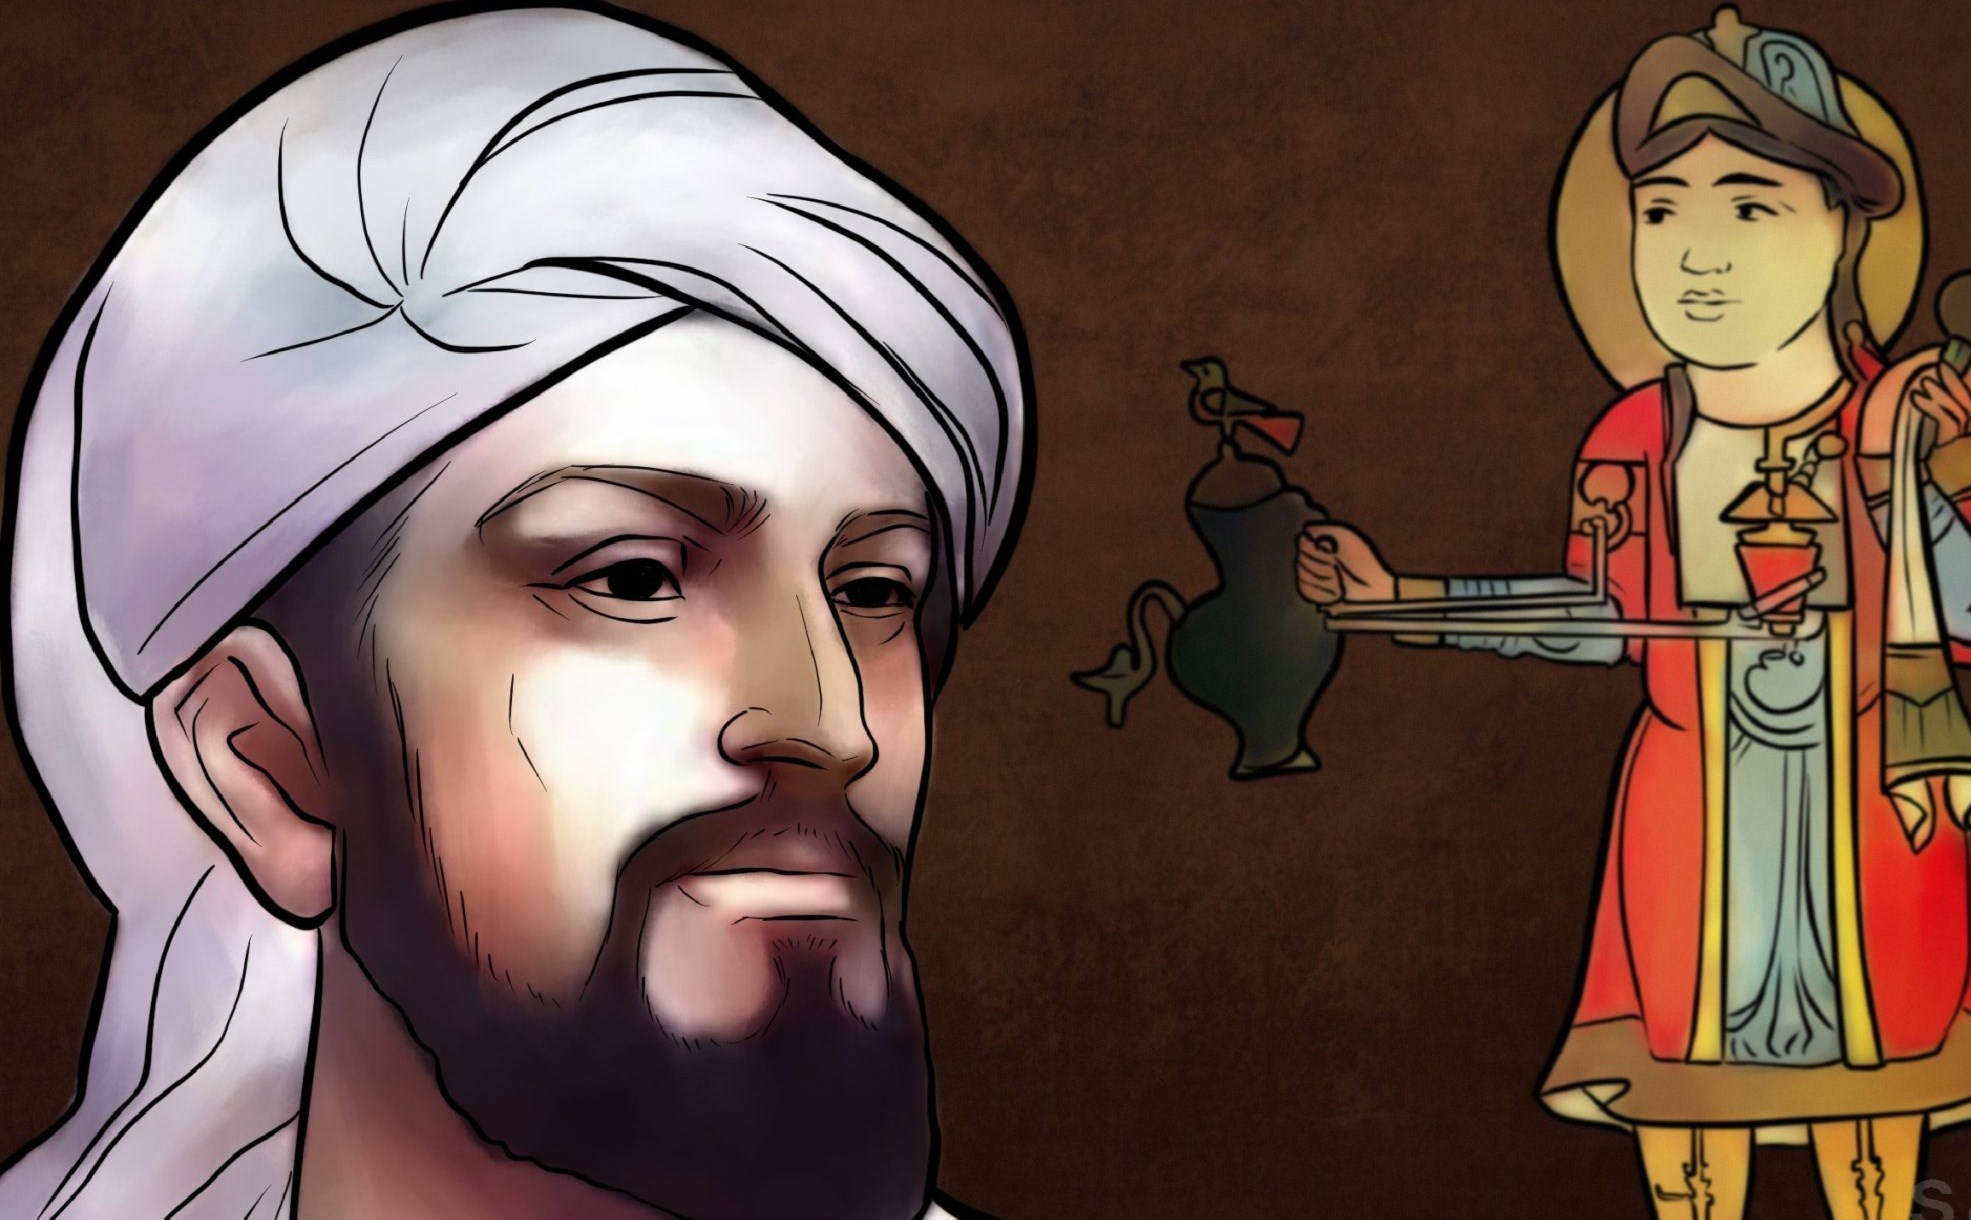 بديع الزمان أبو العز بن إسماعيل بن الرزاز الجزري مخترع أول روبوت، وهو